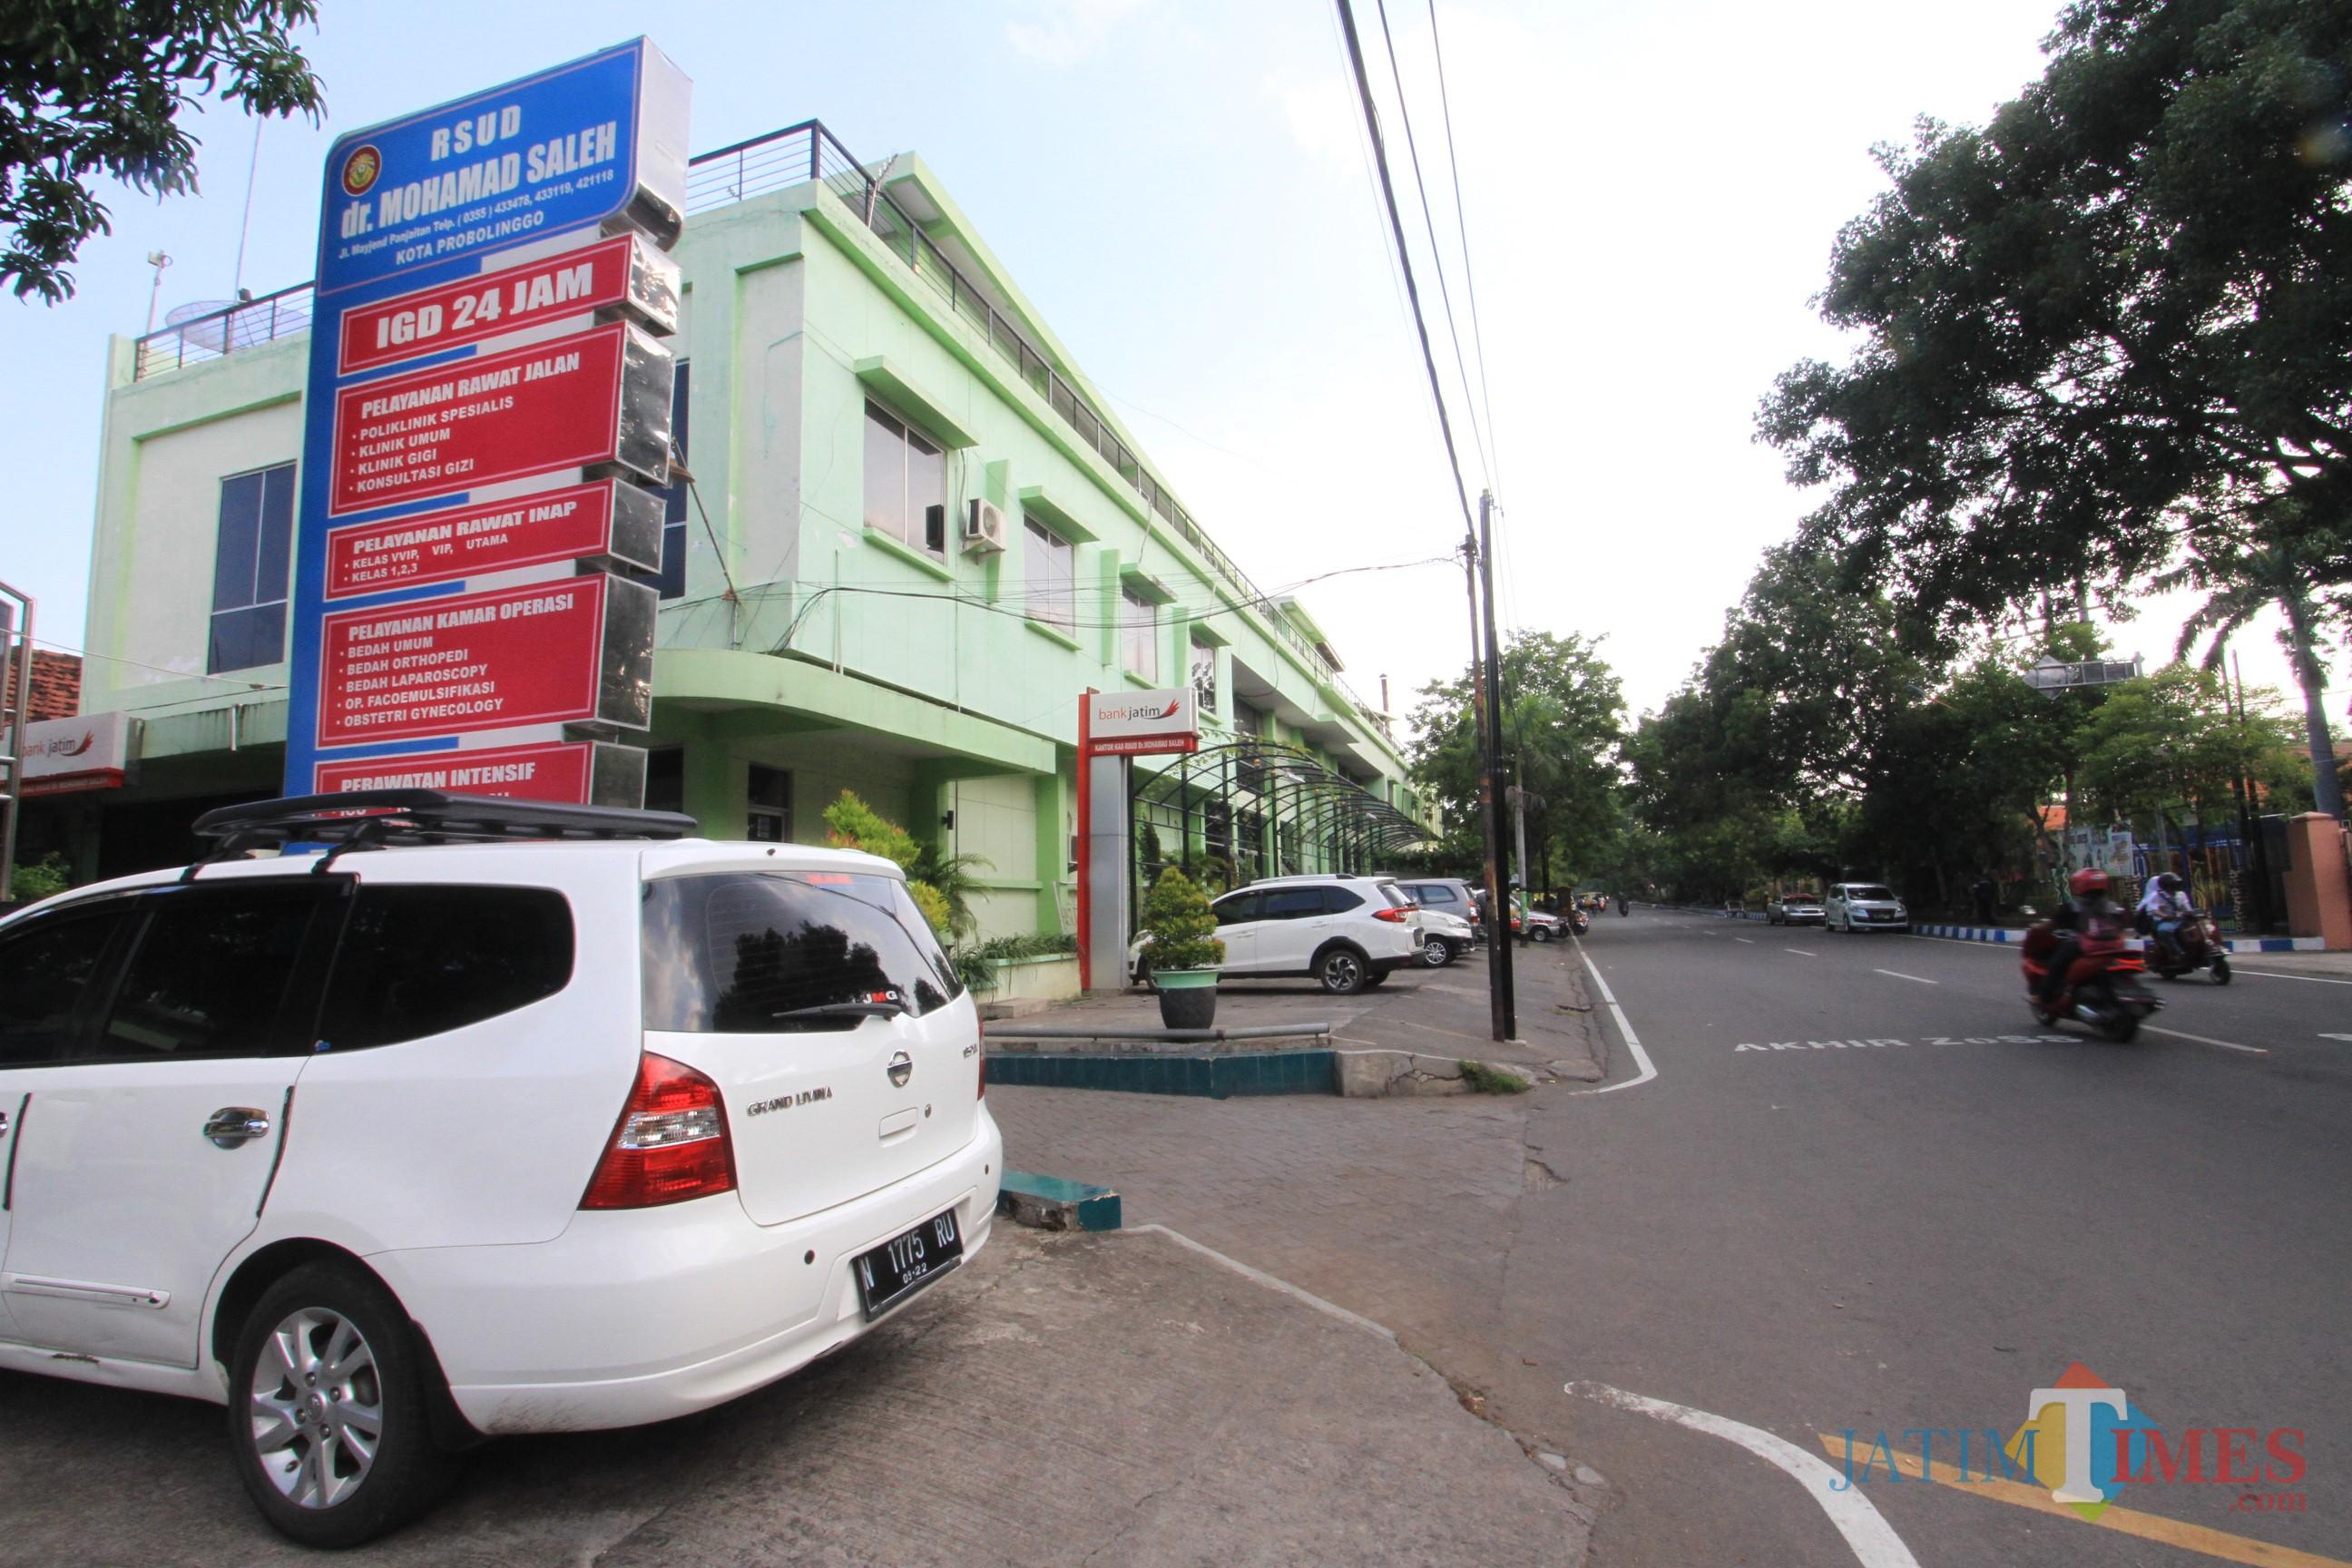 RSUD dr Muhammad Saleh di Jalan Mayjen Panjaitan Kota Probolinggo   (Agus Salam/Jatim TIMES)